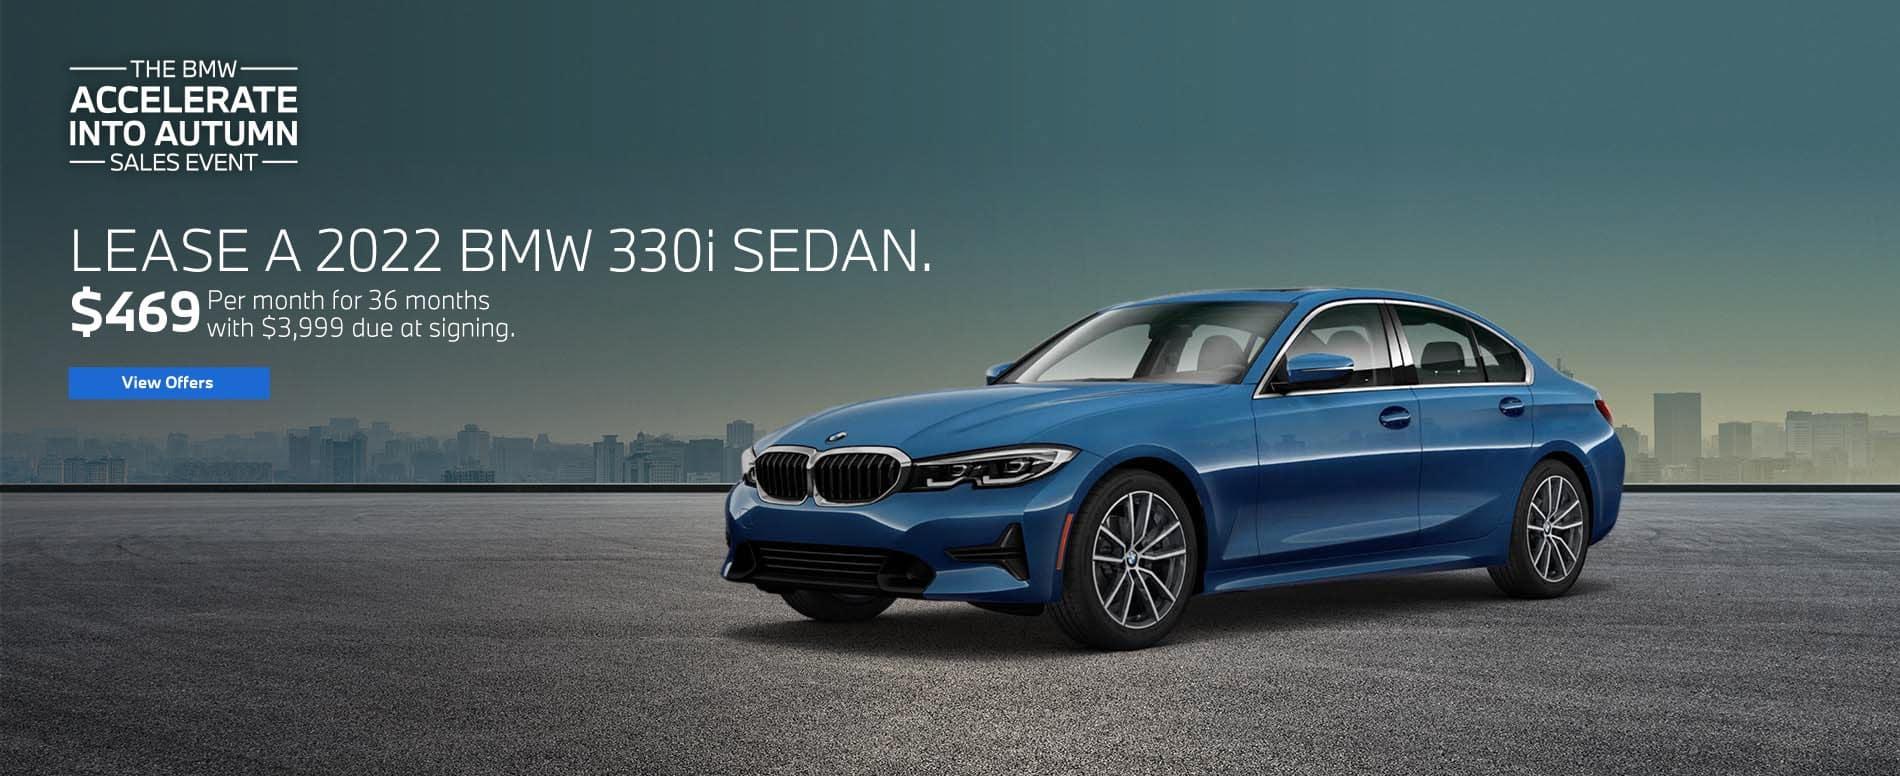 Lease a 2022 BMW 330i Sedan for $469.